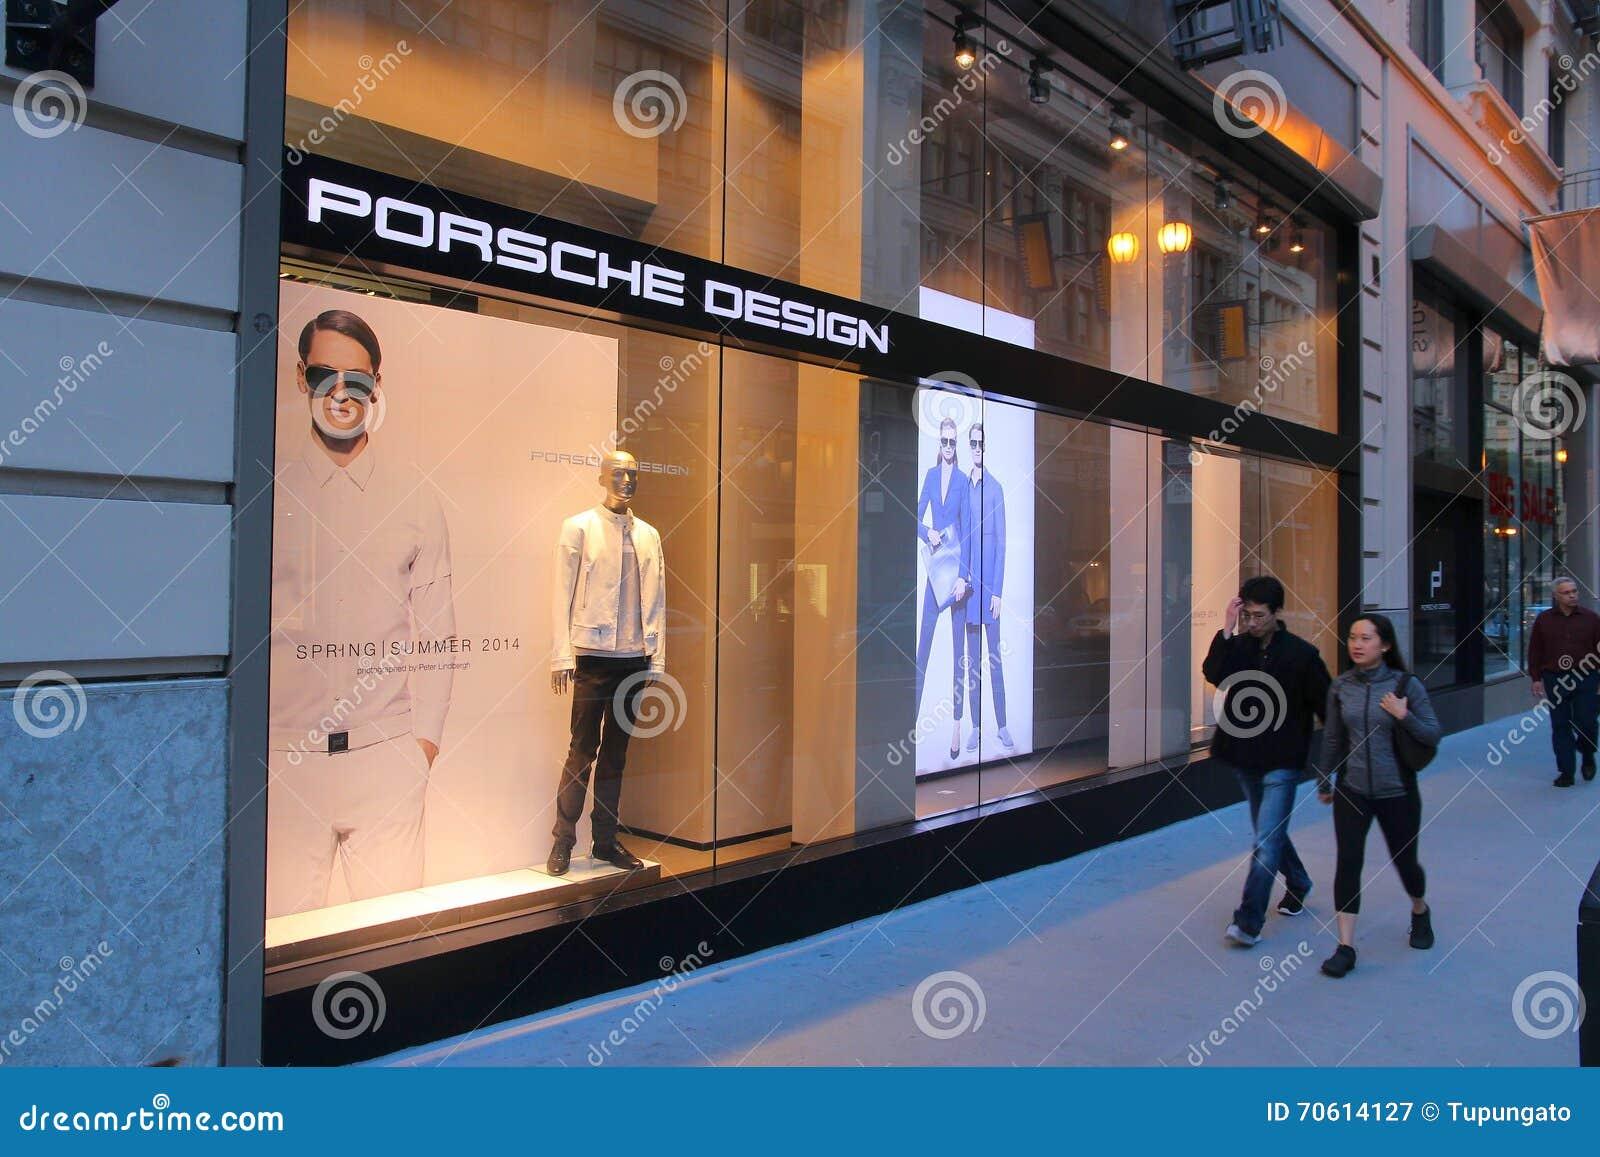 Porsche Design Editorial Photography Image 70614127